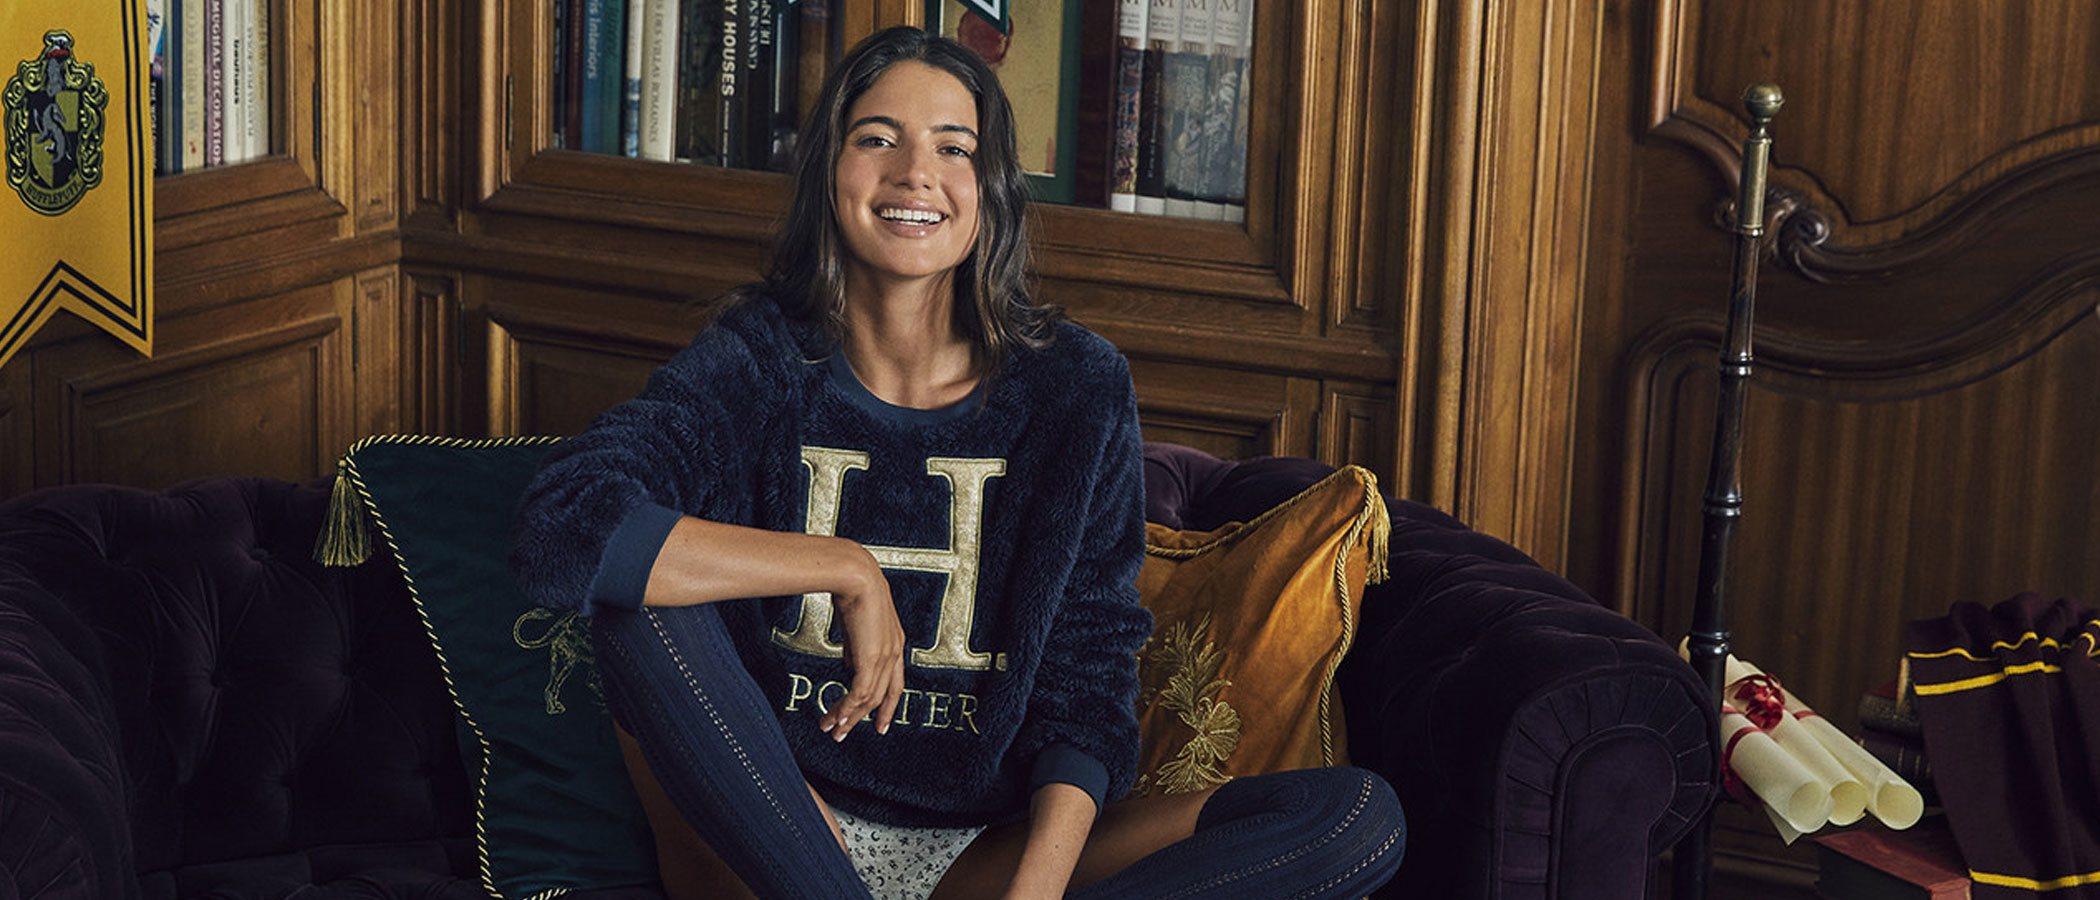 Women'secret lanza una colección de prendas de Harry Potter para los más fans